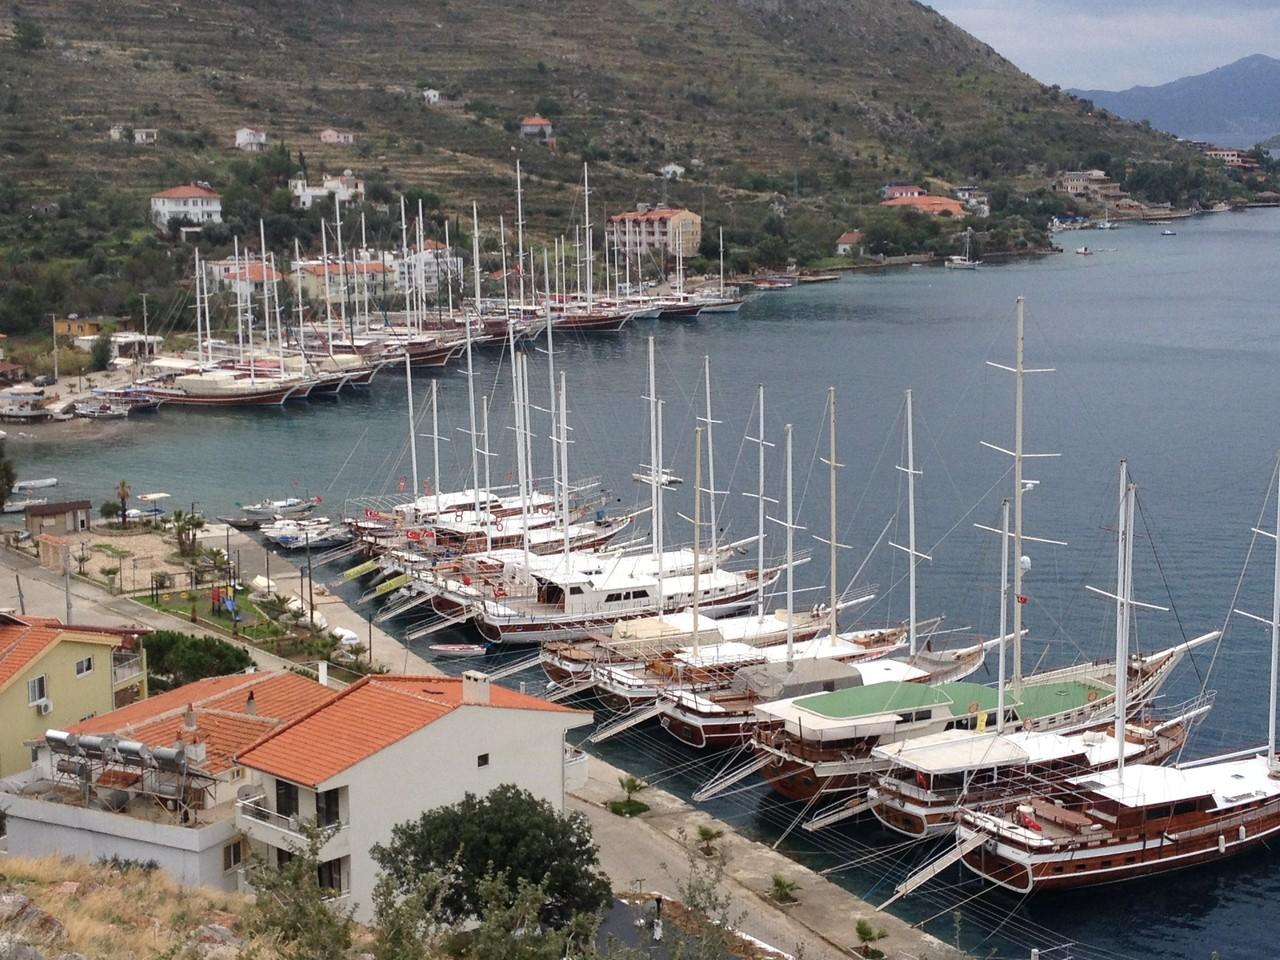 Häfen auf der Halbinsel Datca mit den tollen Segelbooten